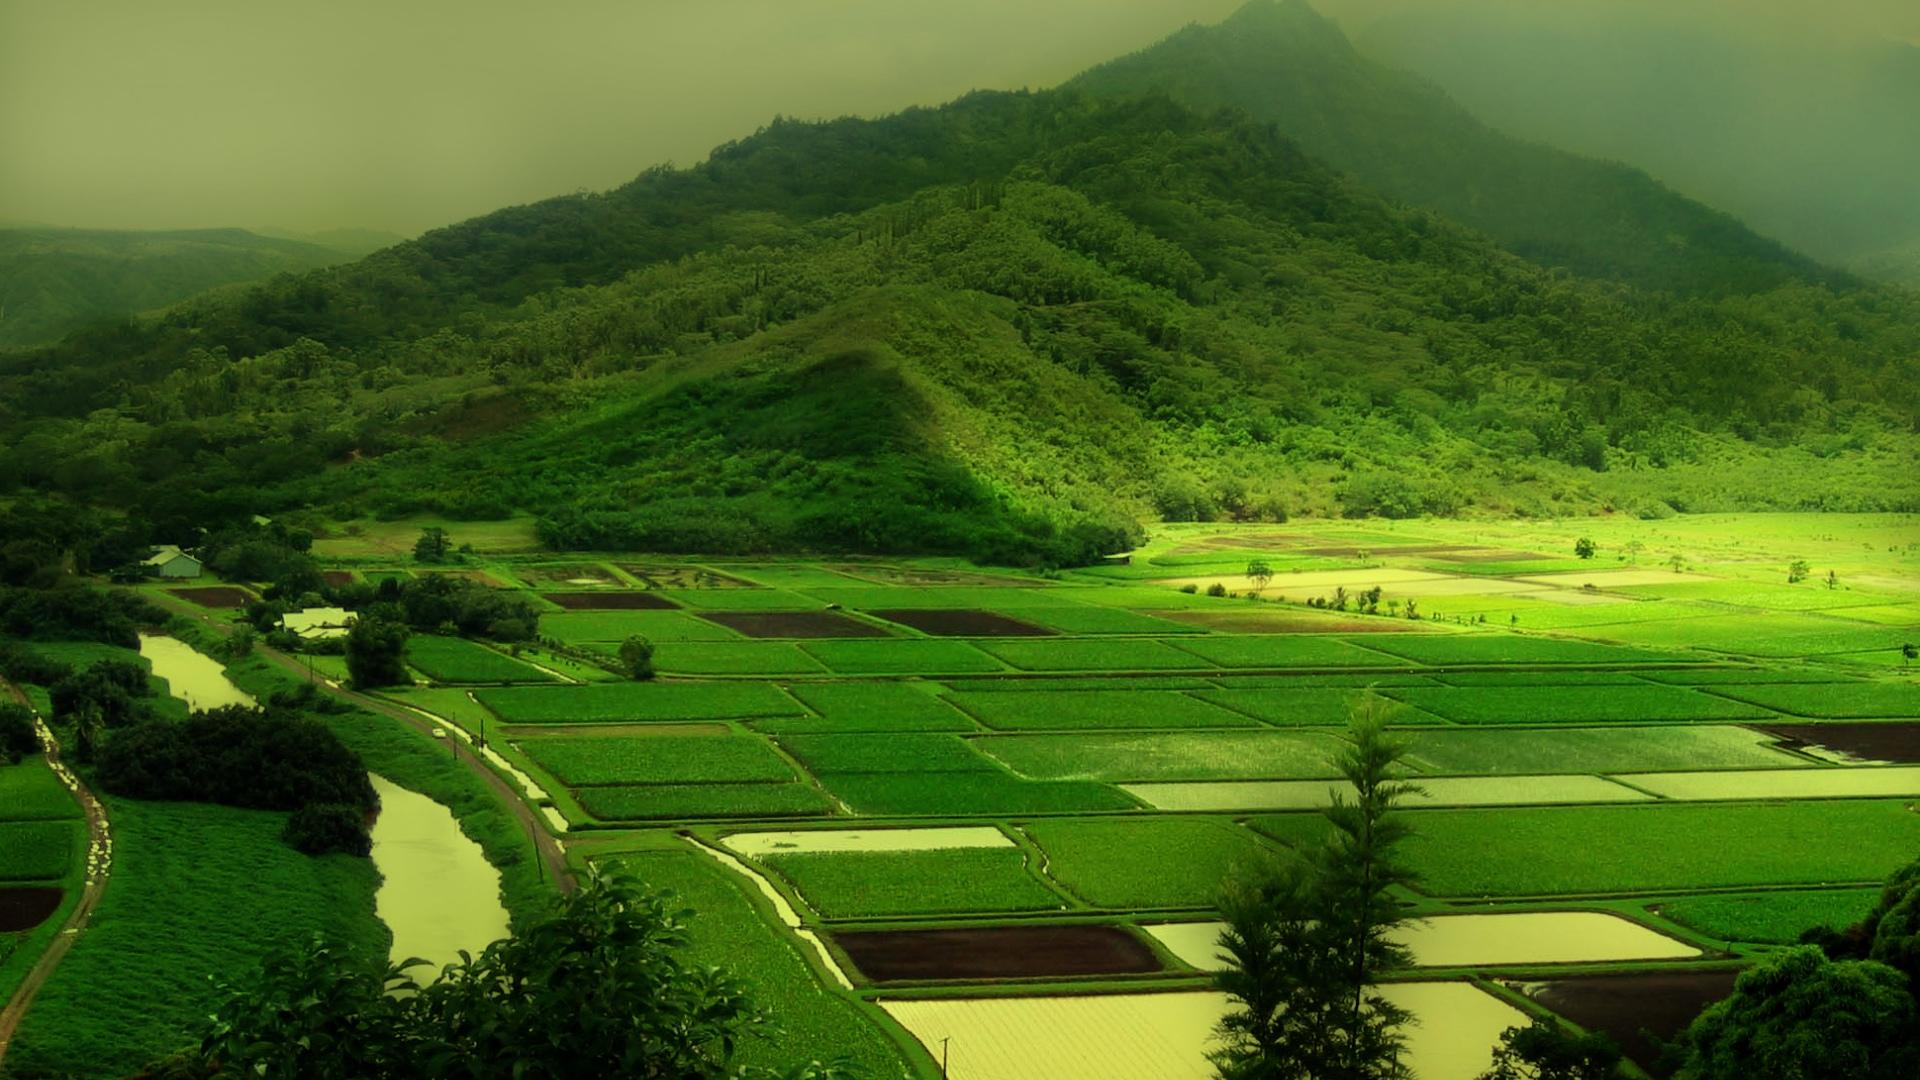 Green Mountain Nature HD Wallpaper Wallsevcom   Download HD 1920x1080